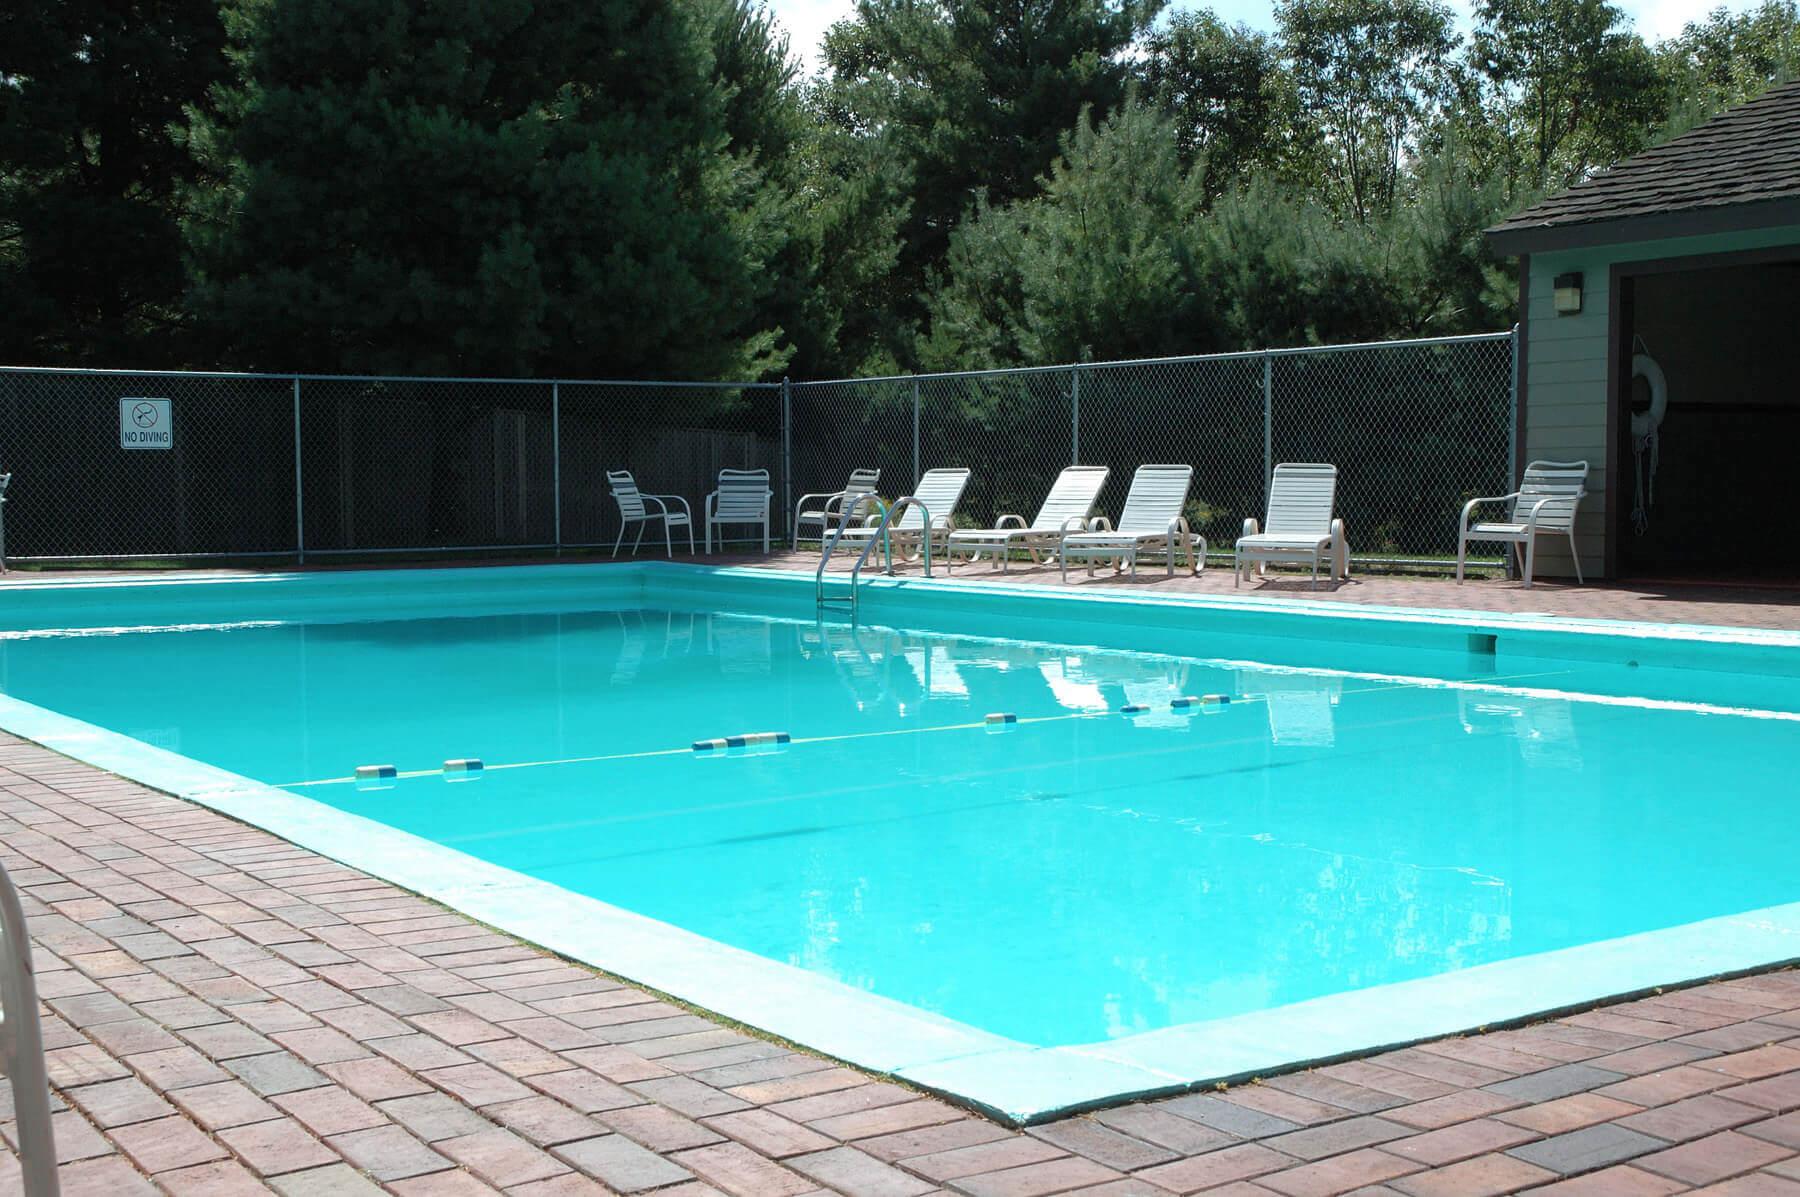 Tipos de bombas para piscina acerte na hora de escolher - Bombas de piscinas ...